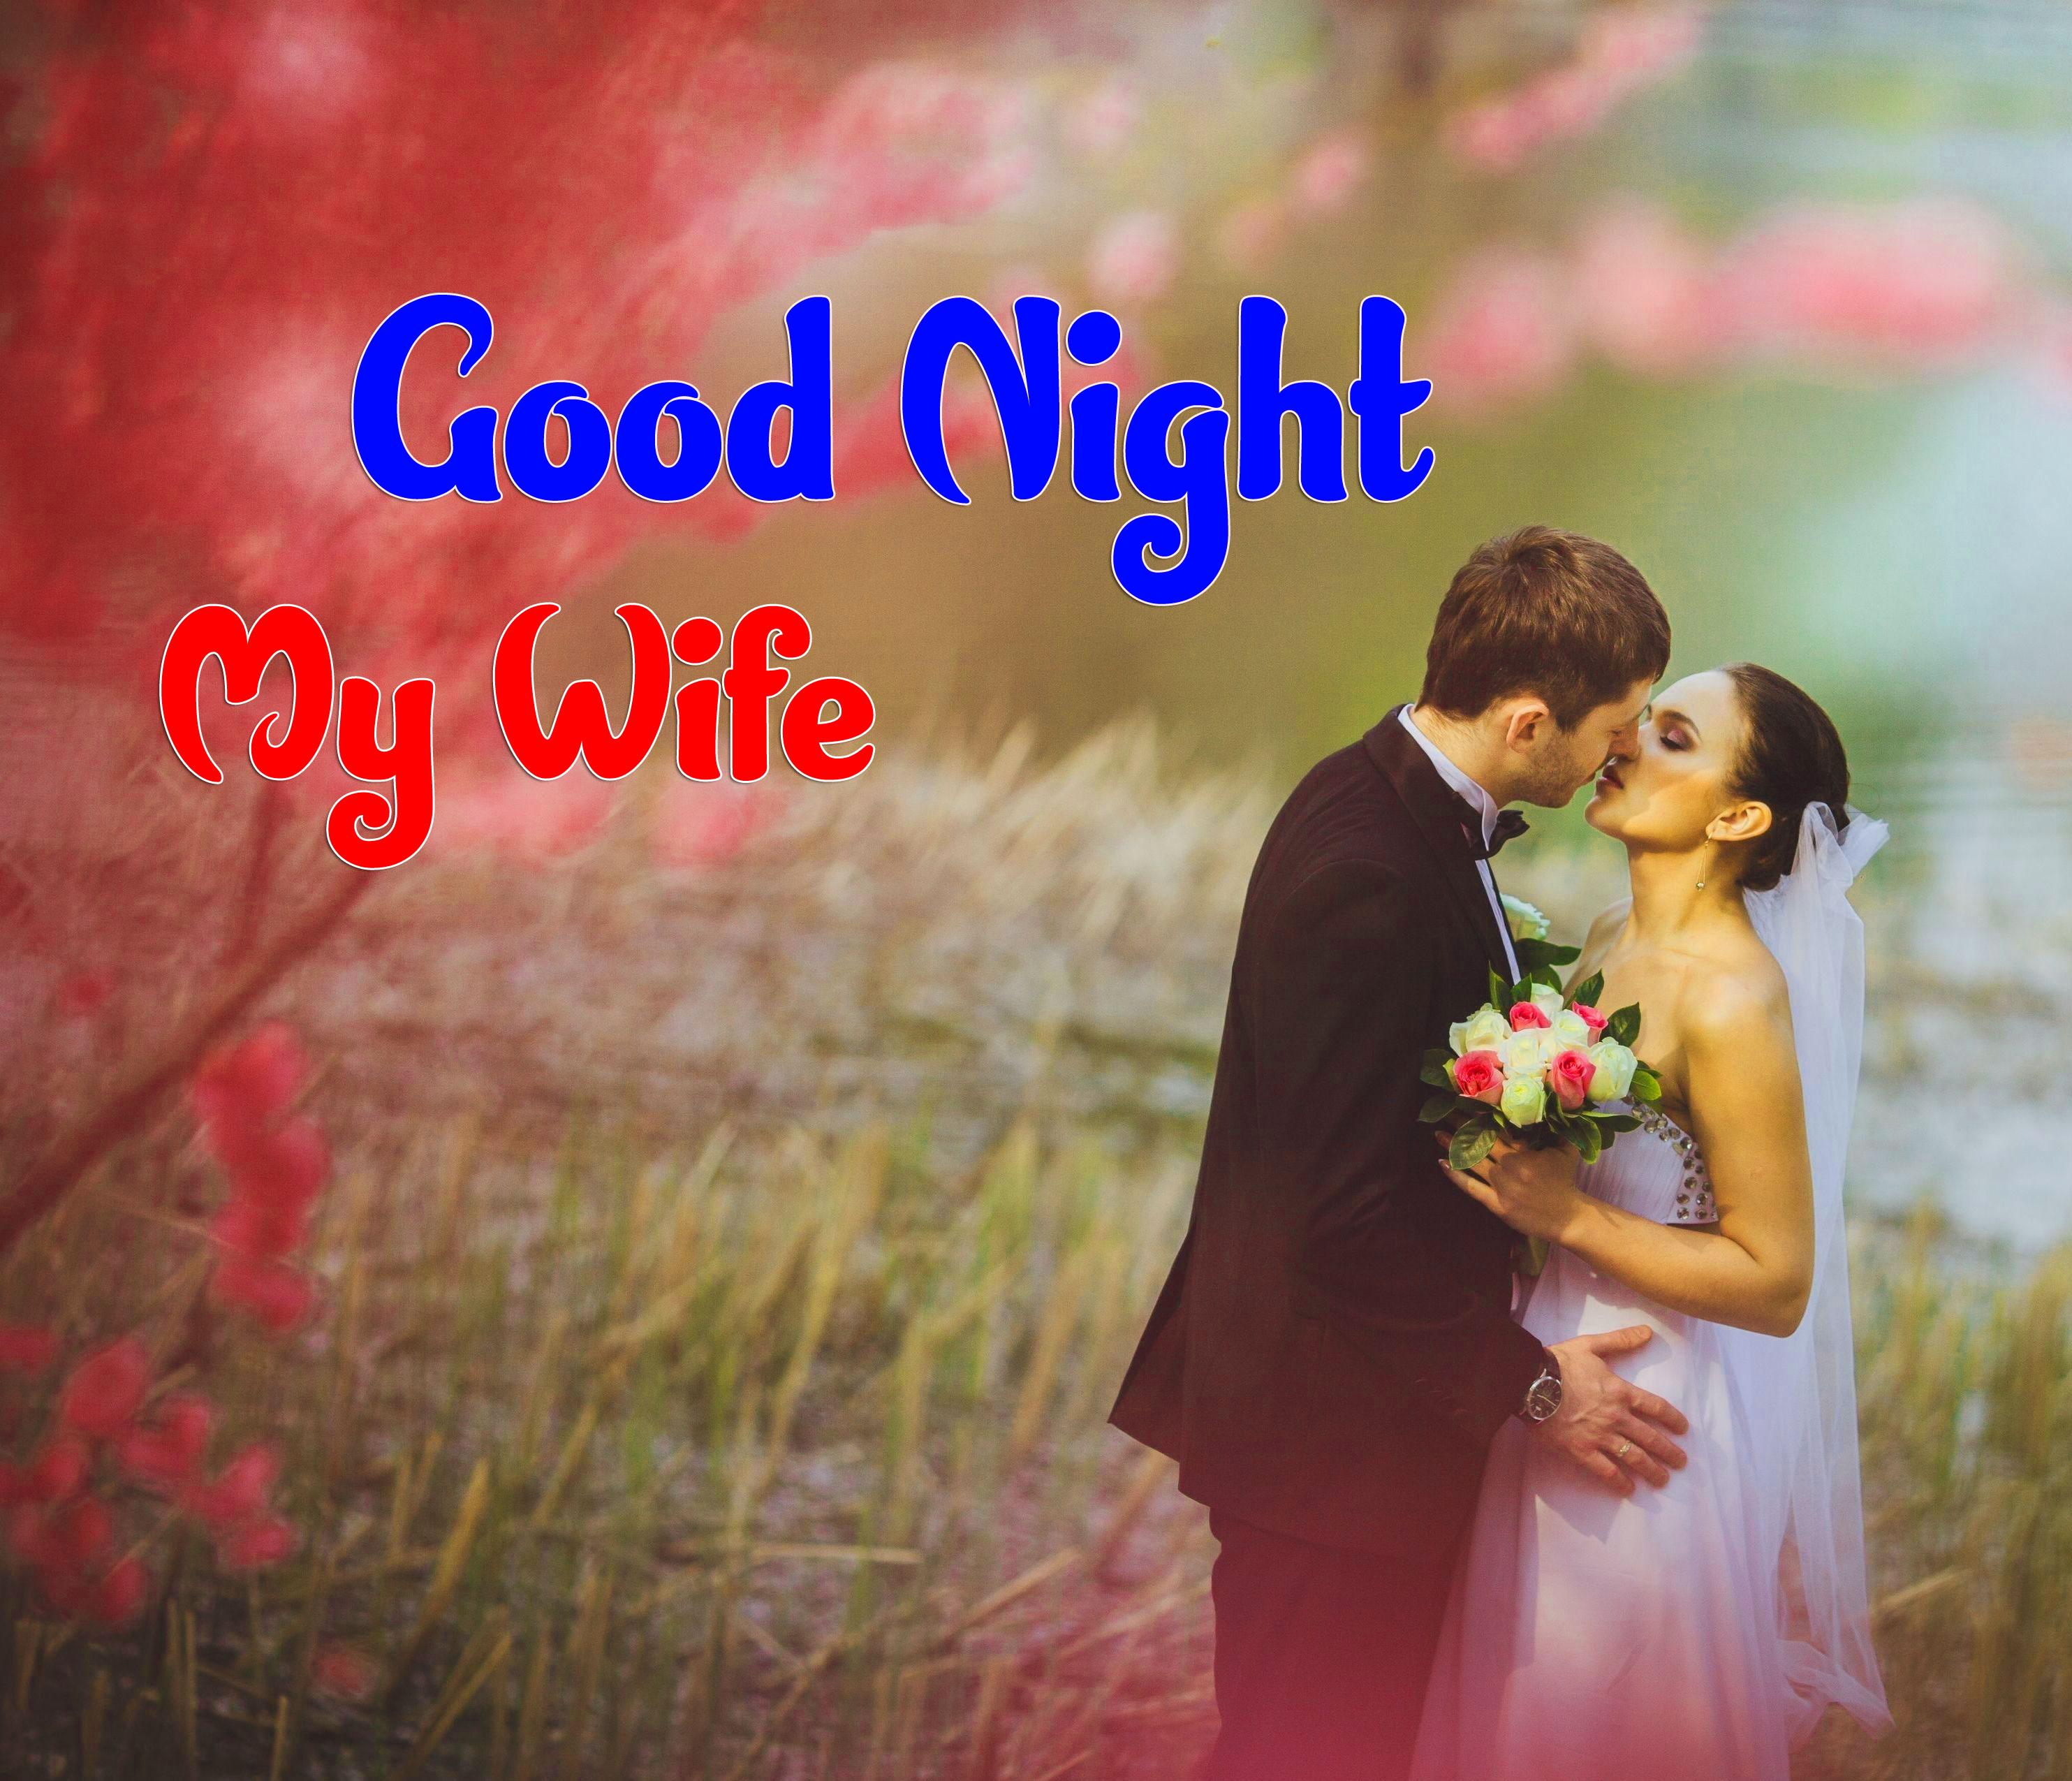 Girlfriend Good Night Wishes